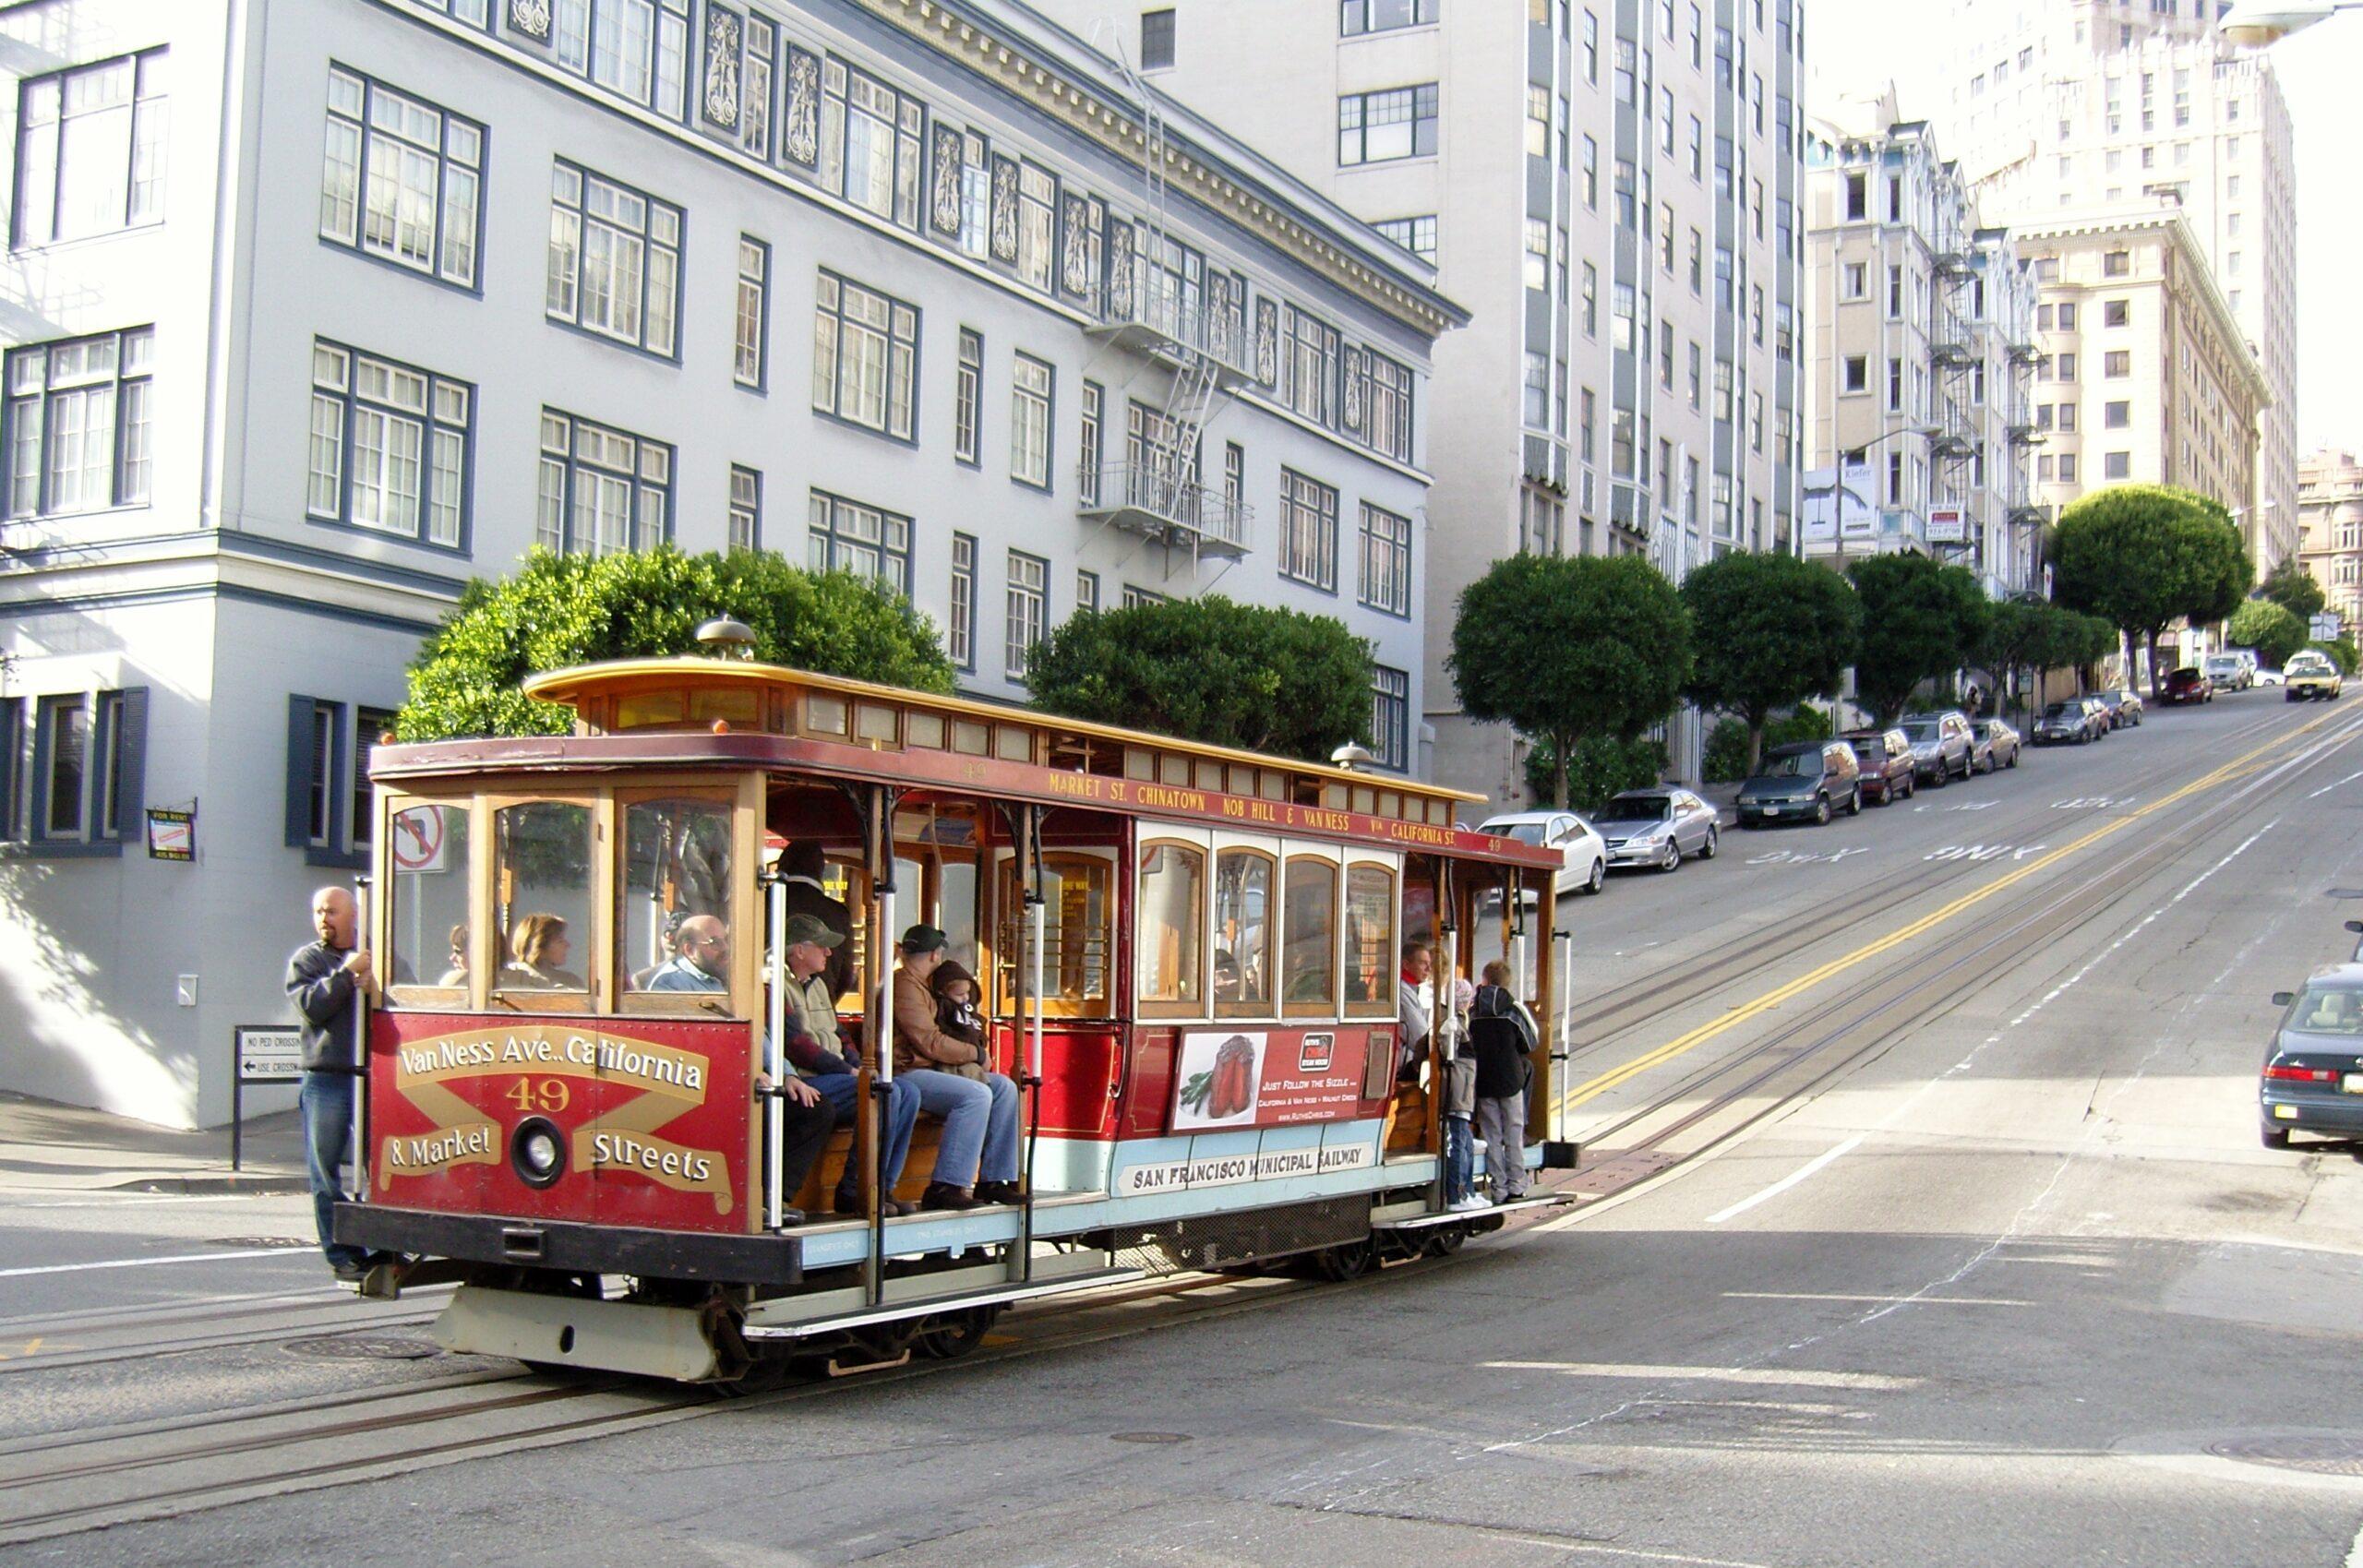 San Francisco public transit trolley